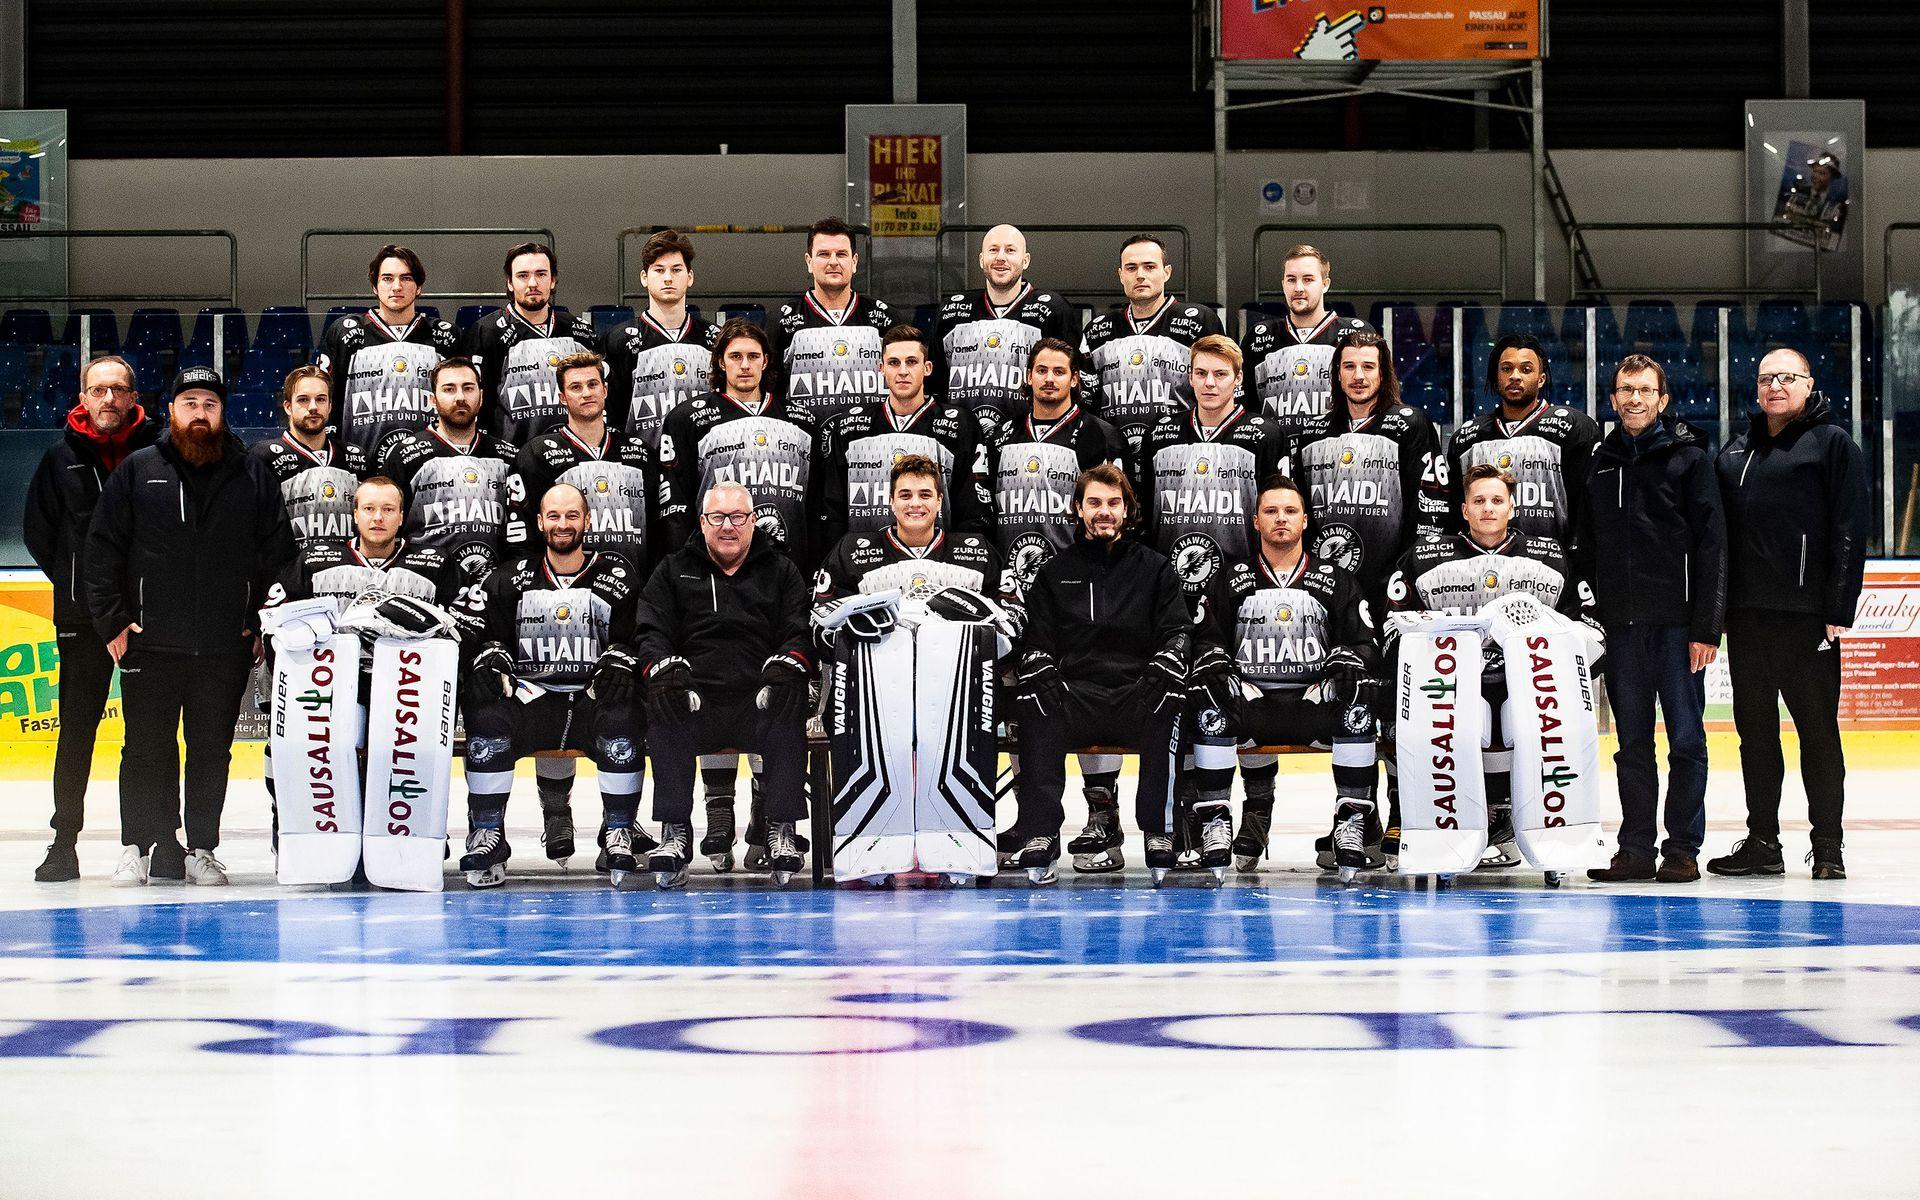 Kader 2020/21   1. Eishockey Fanclub Passau e. V.